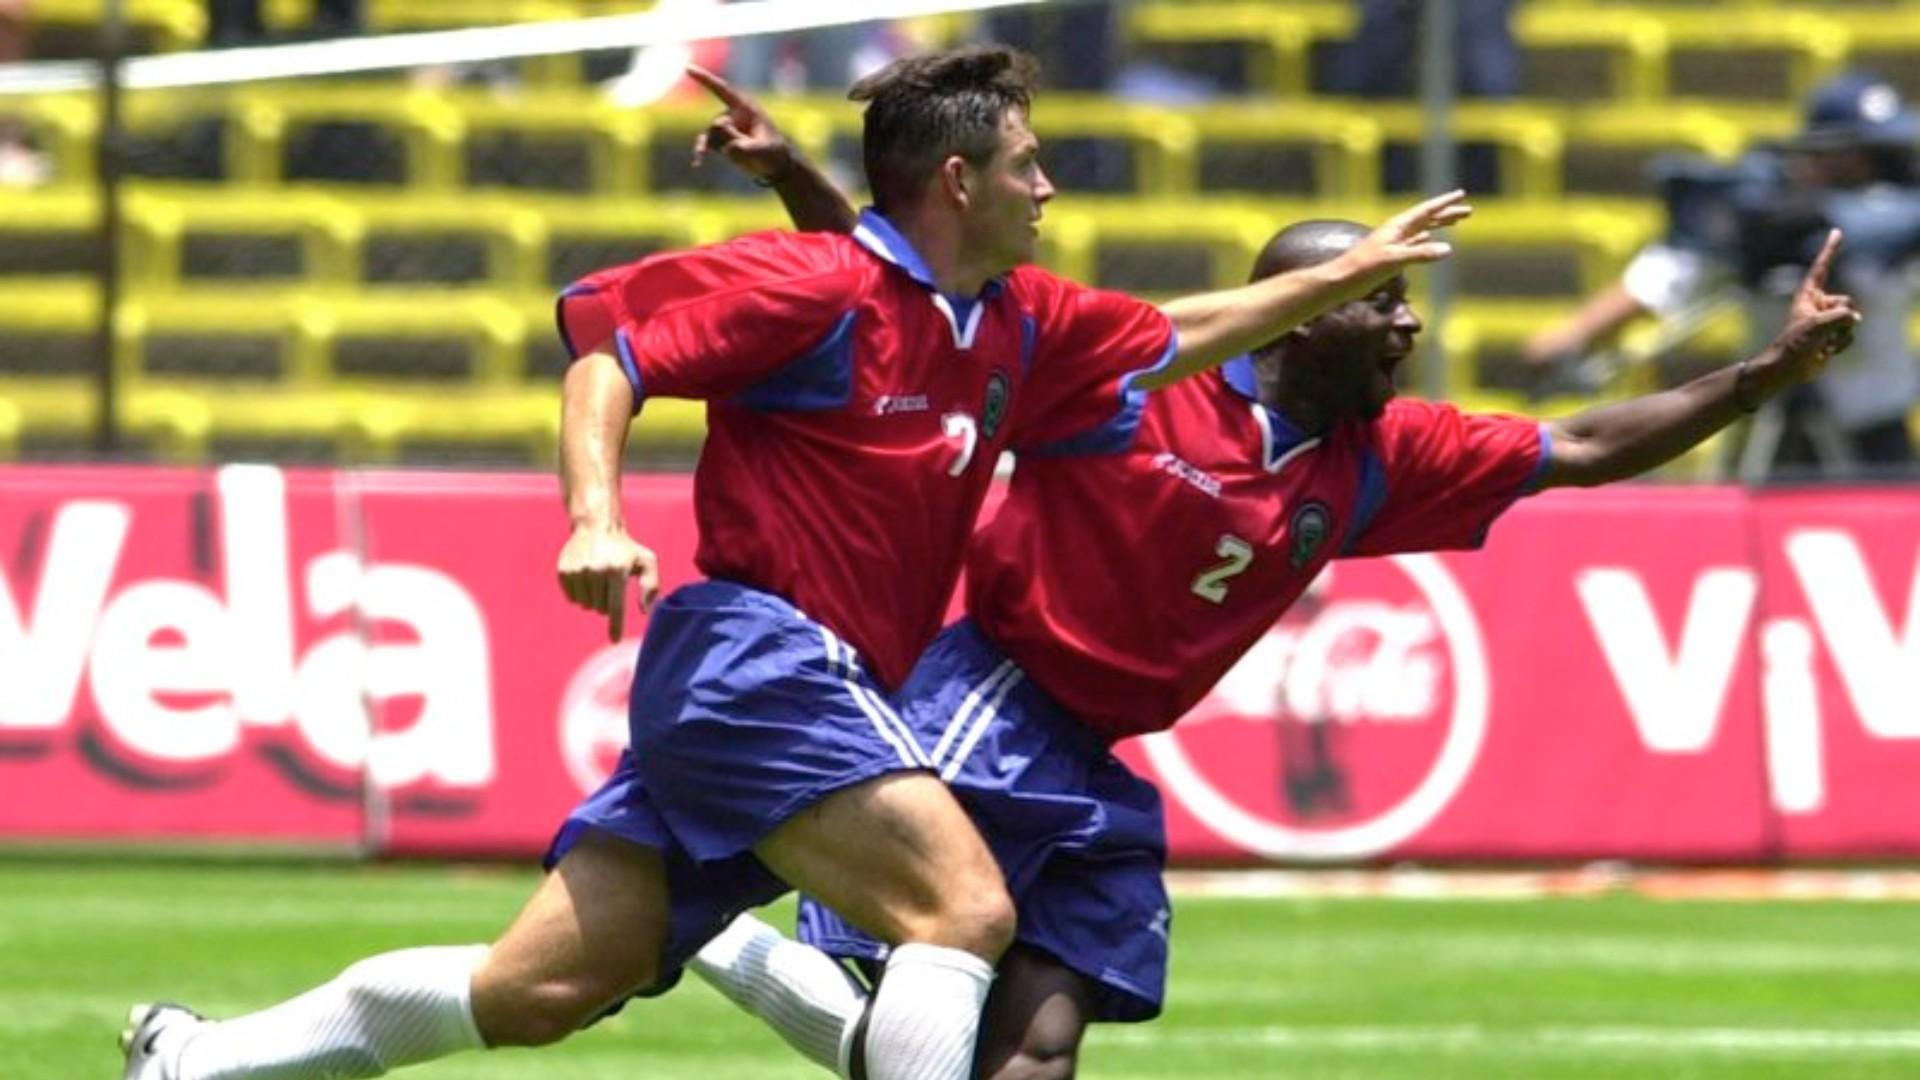 El Aztecazo de Costa Rica en el Estadio Azteca: Goles, video, resumen,  resultado y cuándo fue | Goal.com